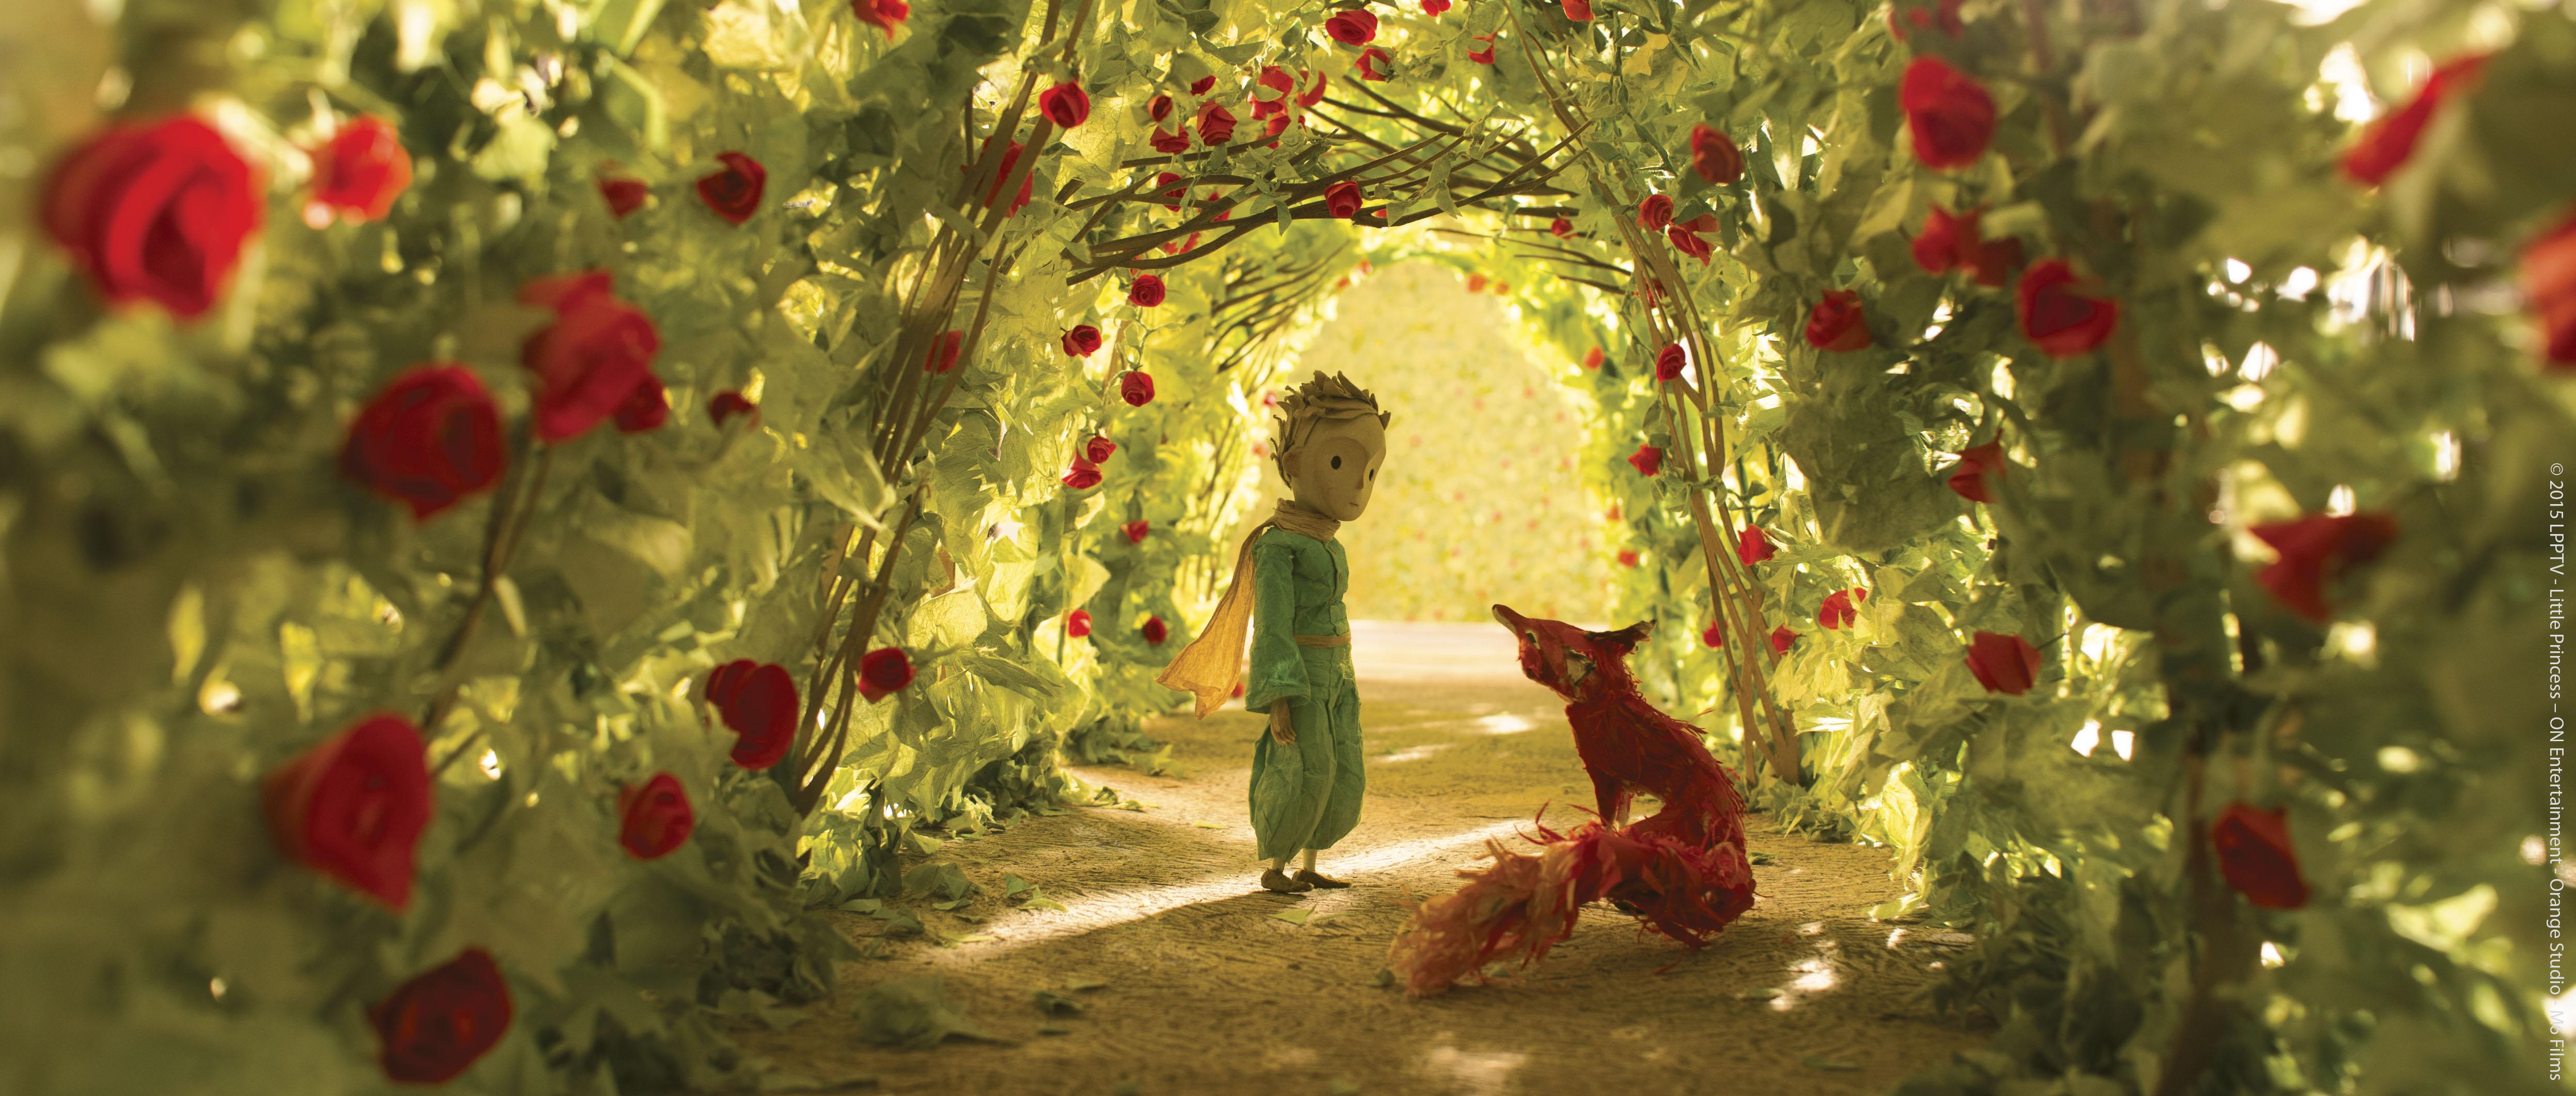 Il piccolo principe, il film_cinema